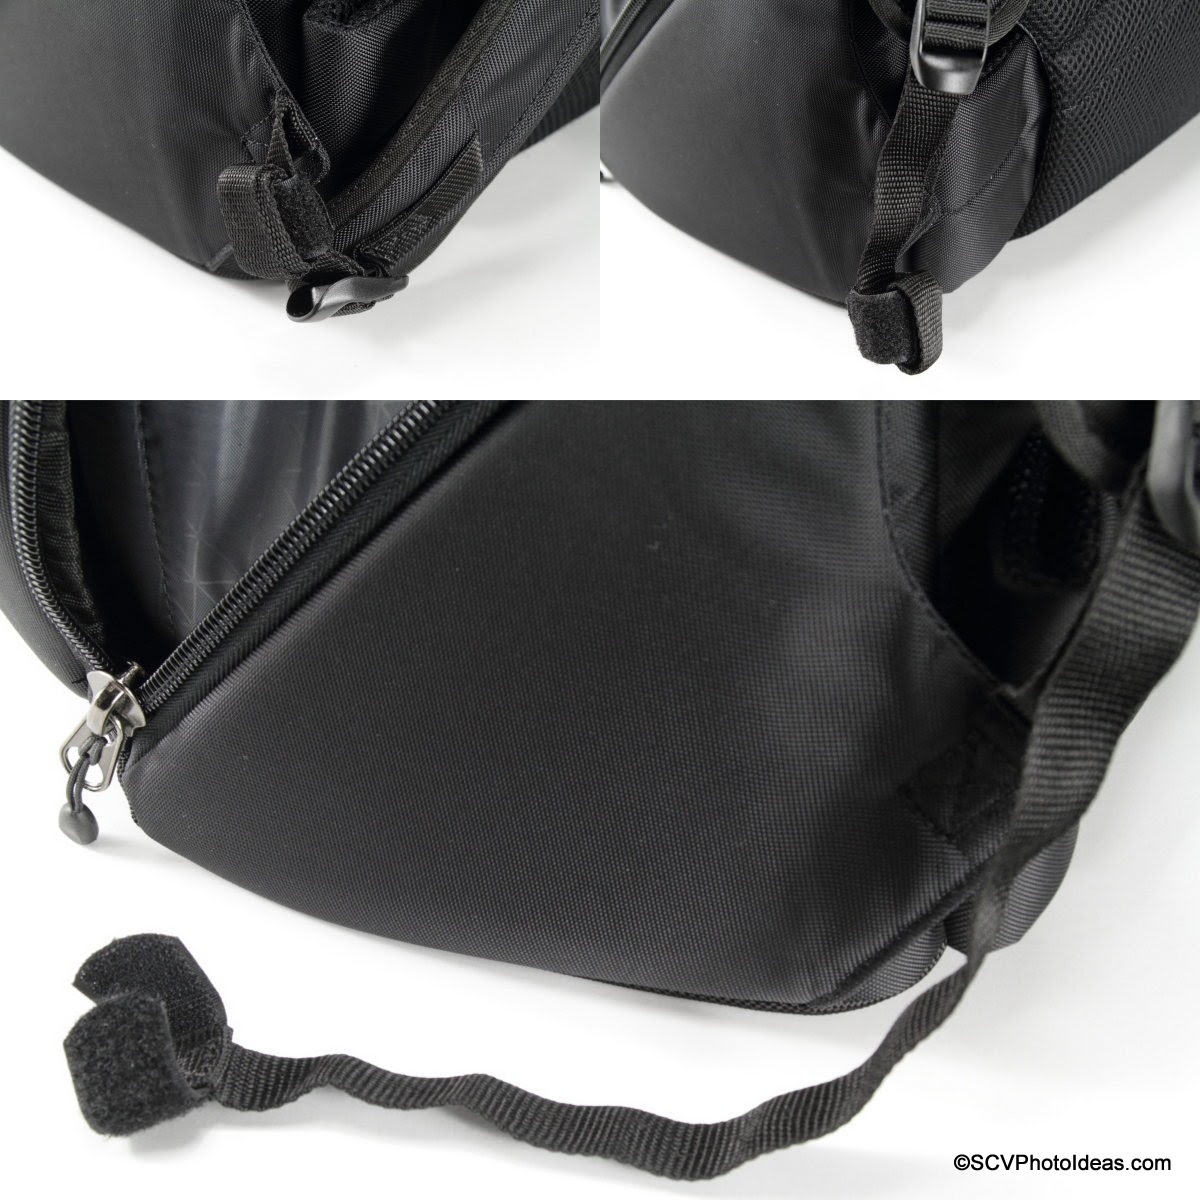 Case Logic DSB-103 shoulder strap extension details